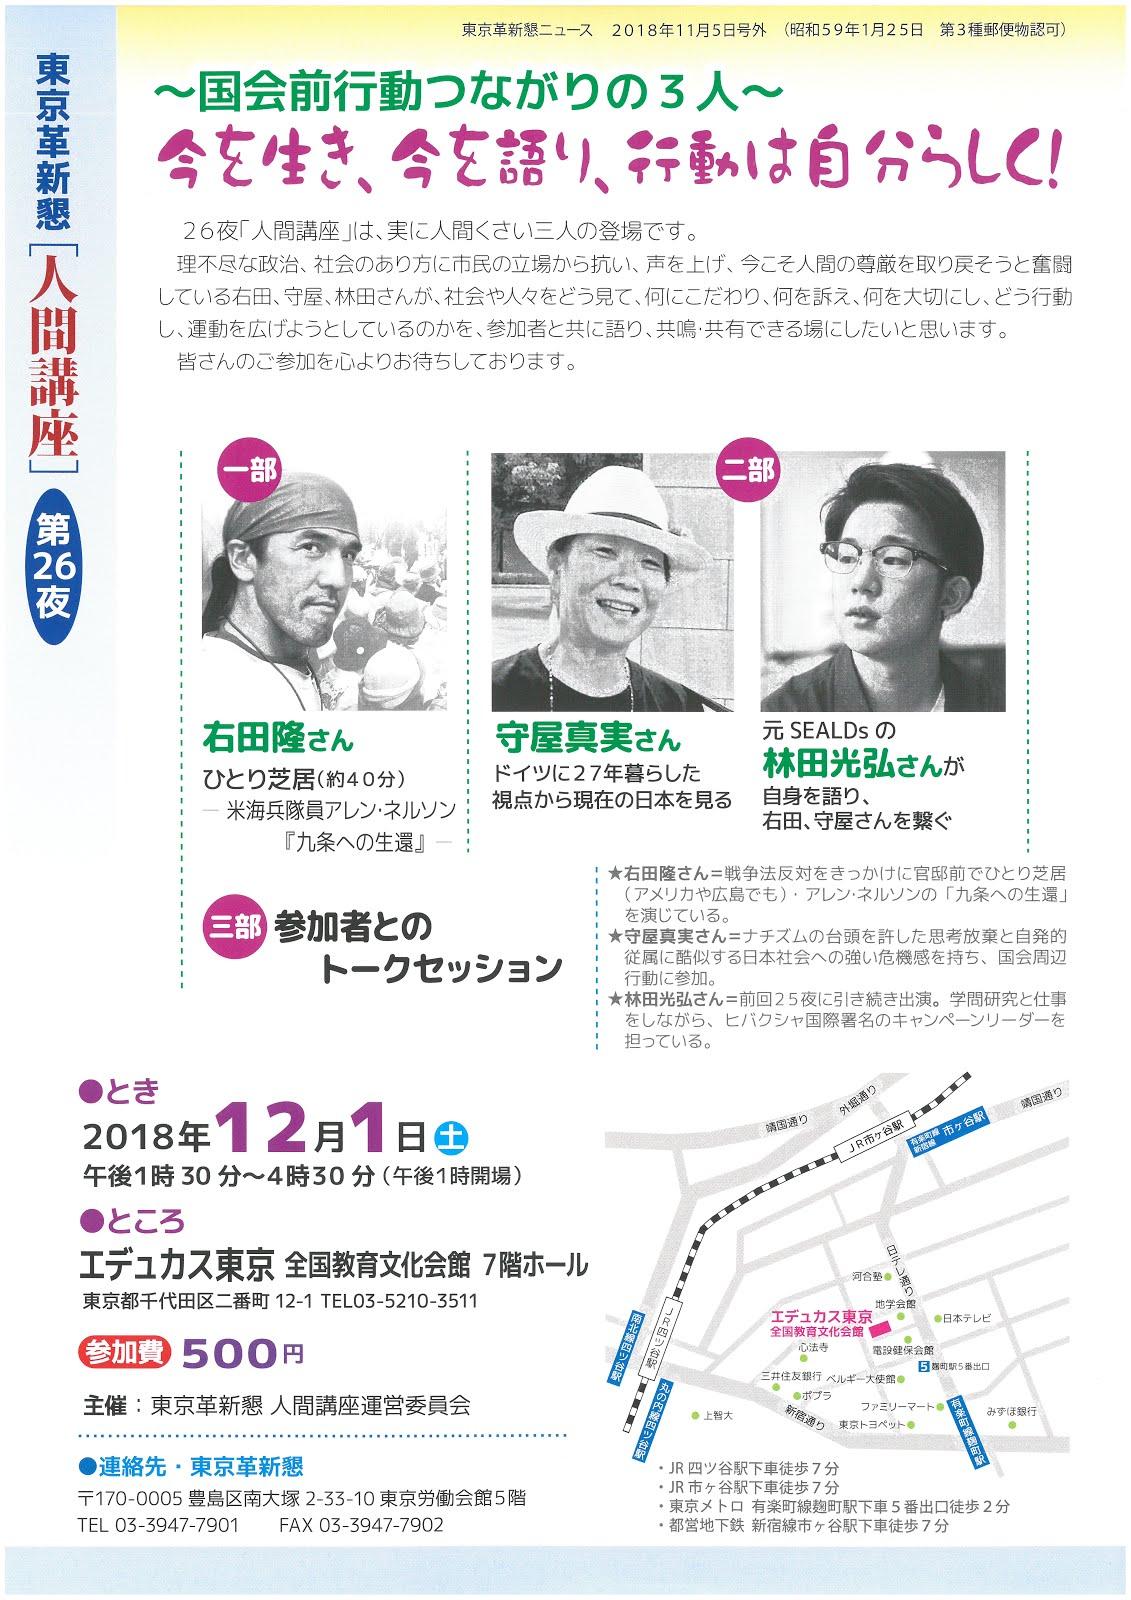 東京革新懇人間講座「今を生き,今を語り,行動は自分らしく」12月1日(土)午後1時30分 エデュカス東京